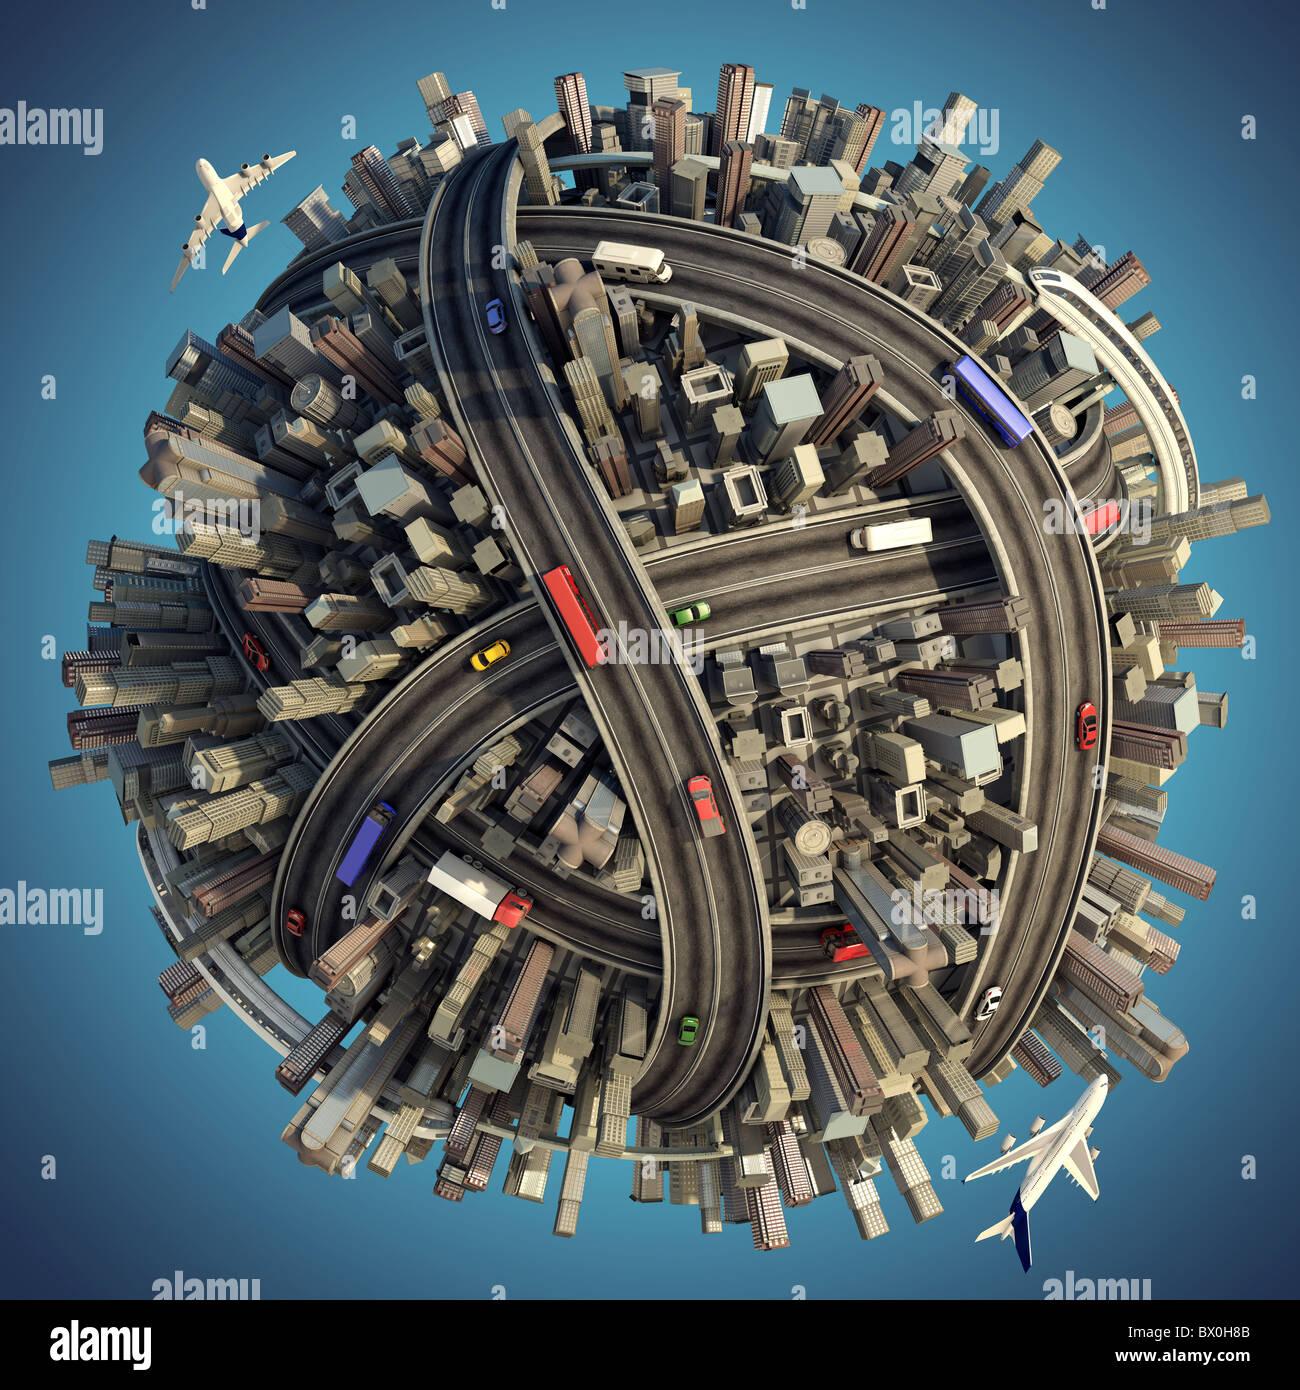 Planeta en miniatura como concepto de vida urbana caótica aislada con trazado de recorte Imagen De Stock